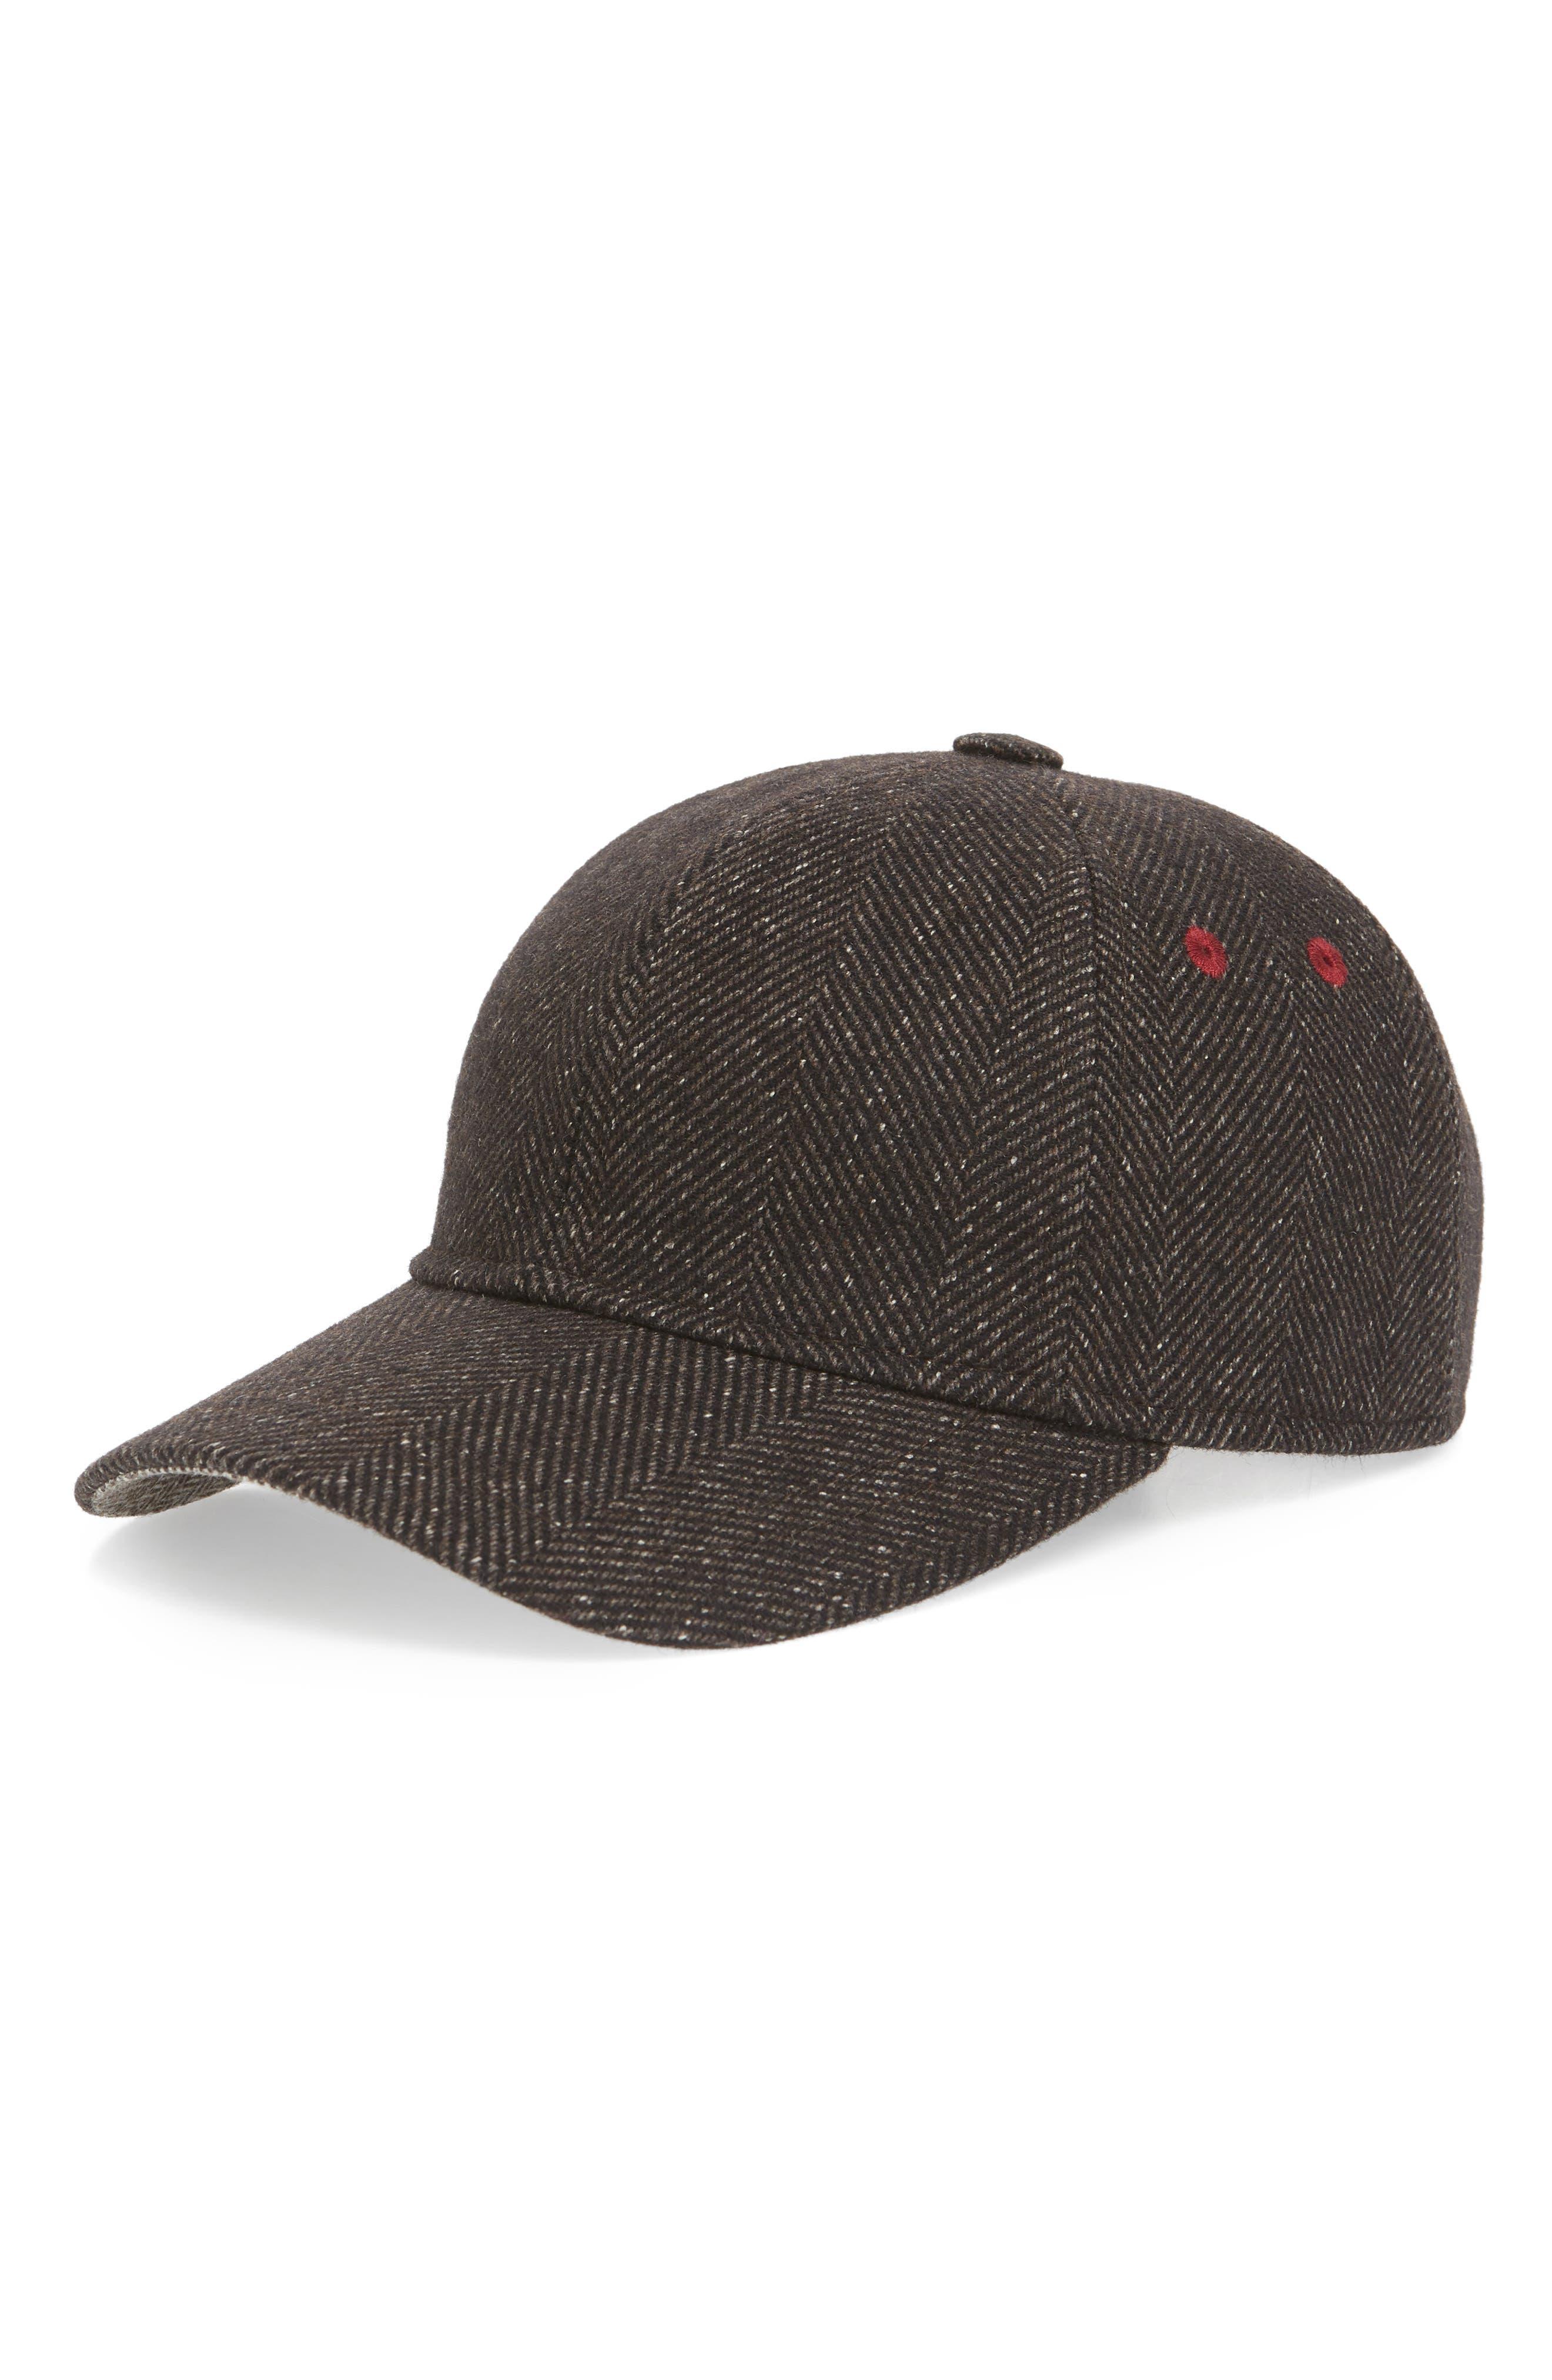 Herringbone Baseball Cap,                             Main thumbnail 1, color,                             BROWN